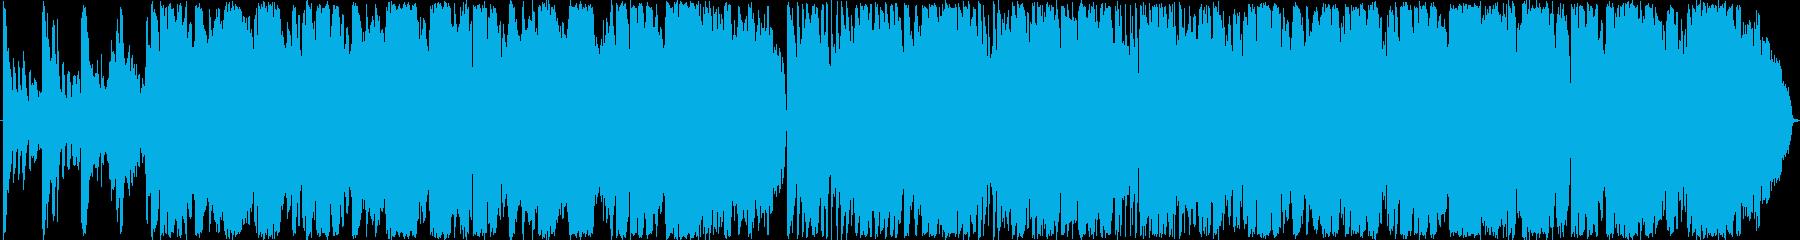 ゆったりした和風楽曲の再生済みの波形